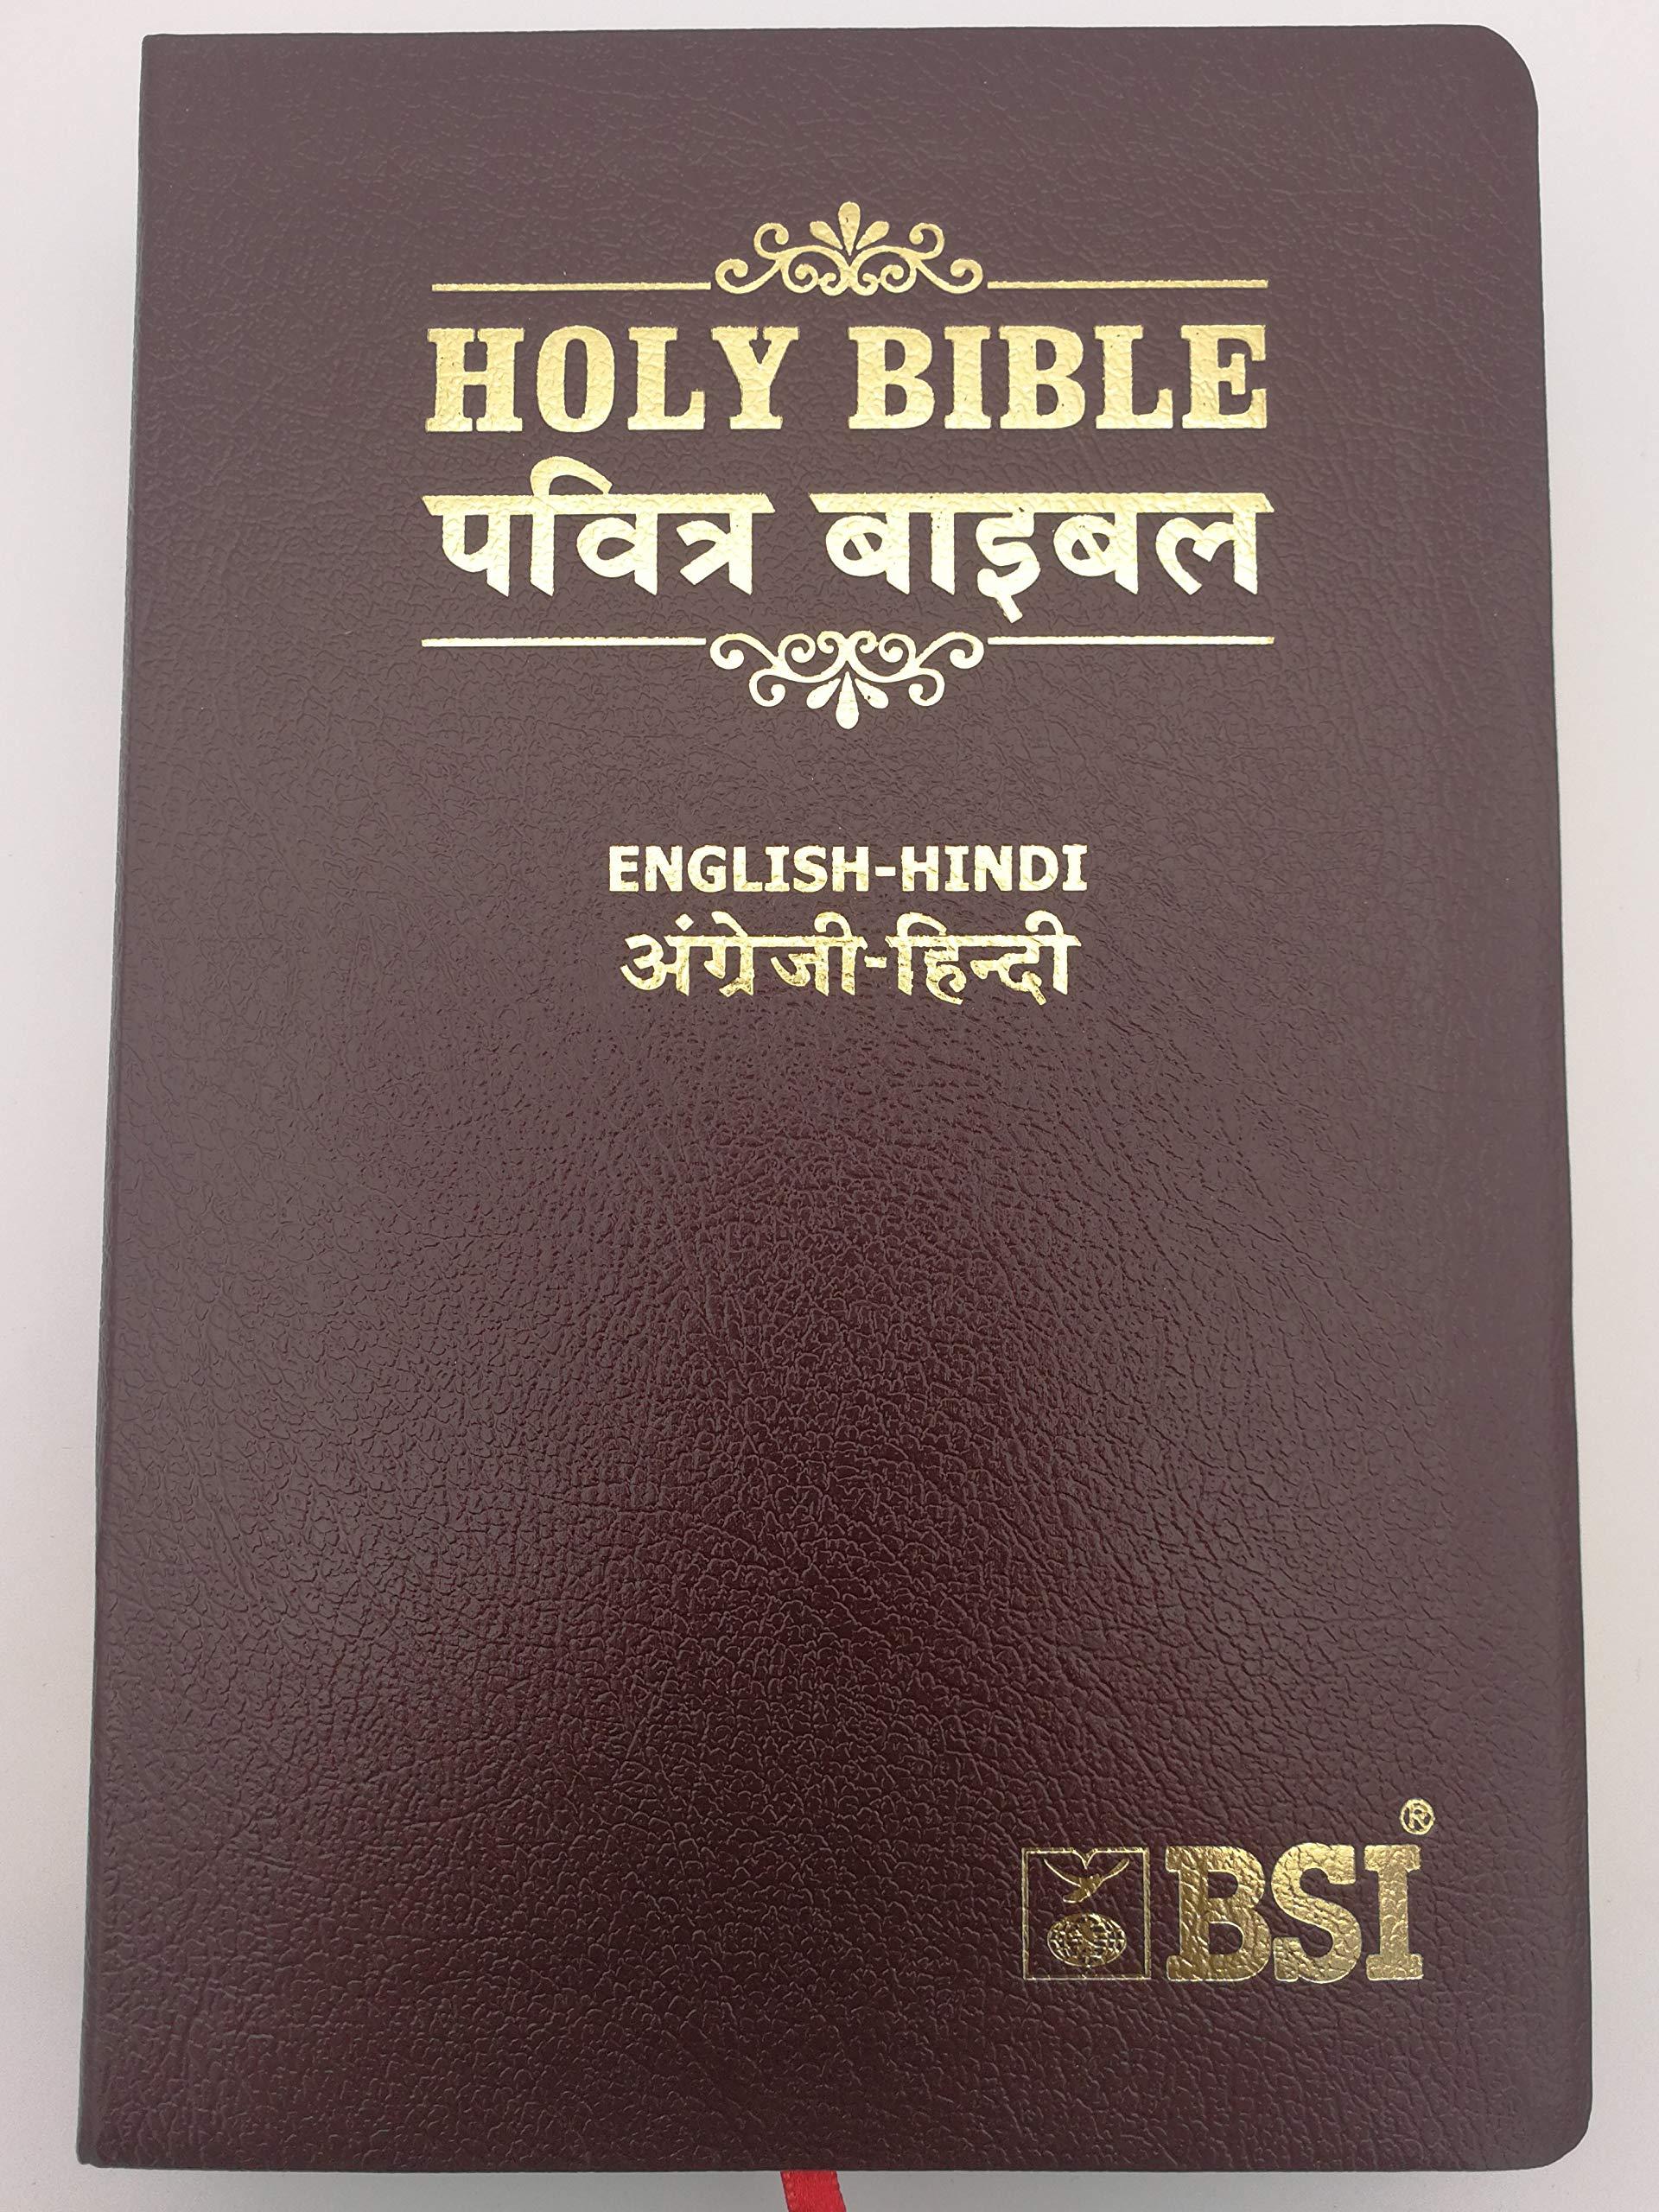 bible society of india hindi bible free download